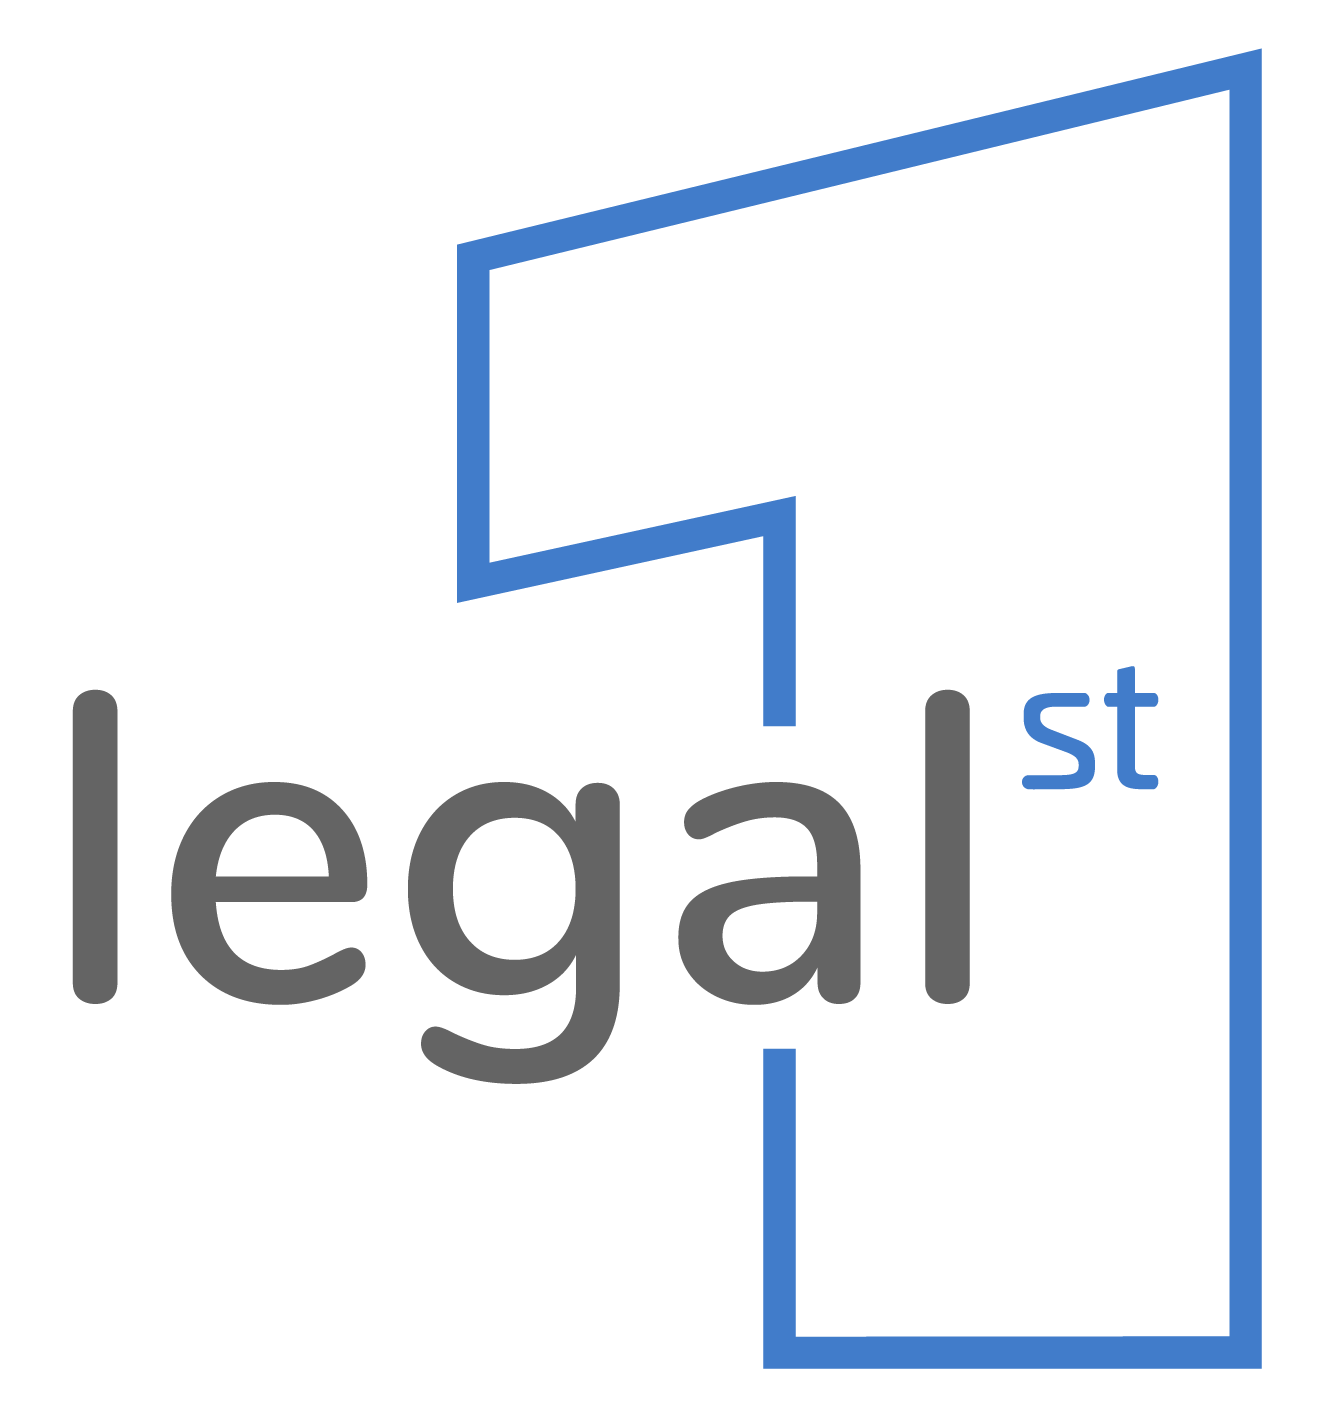 Legal 1st